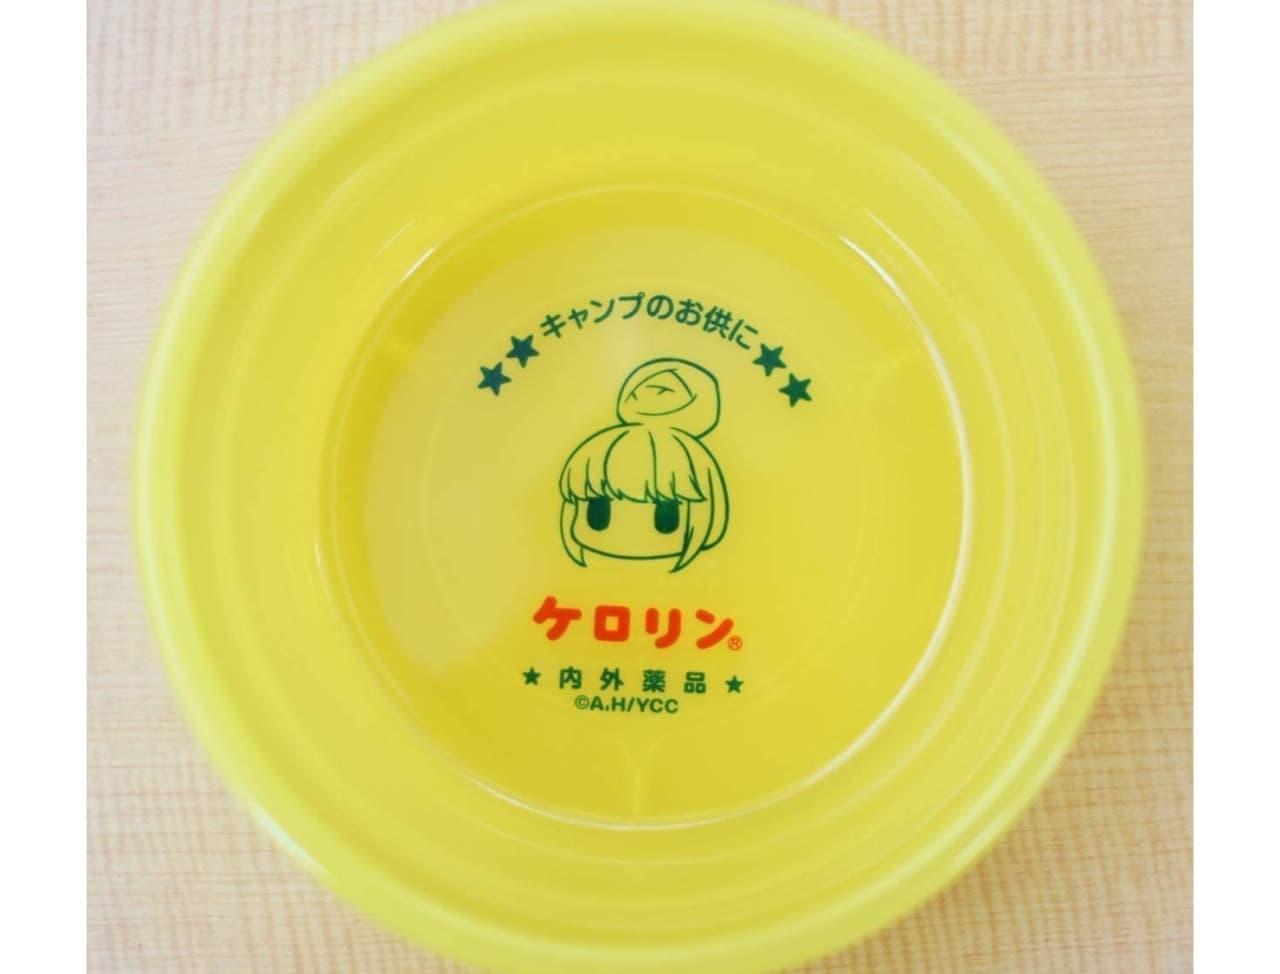 志摩リンを抱えて温泉へ!「ゆるキャン△ケロリン桶」10月15日発売